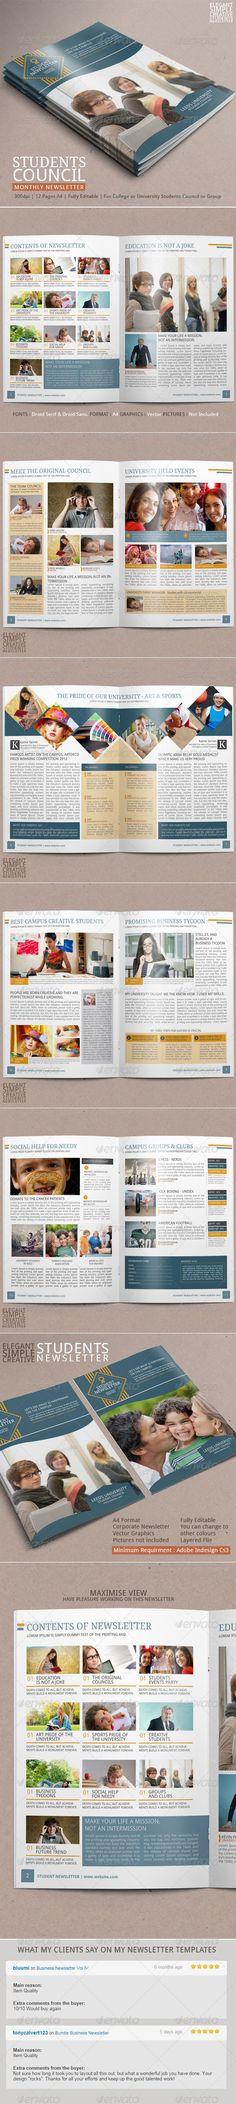 Bizart Corporate Newsletter Template Newsletter templates, Print - newsletter format